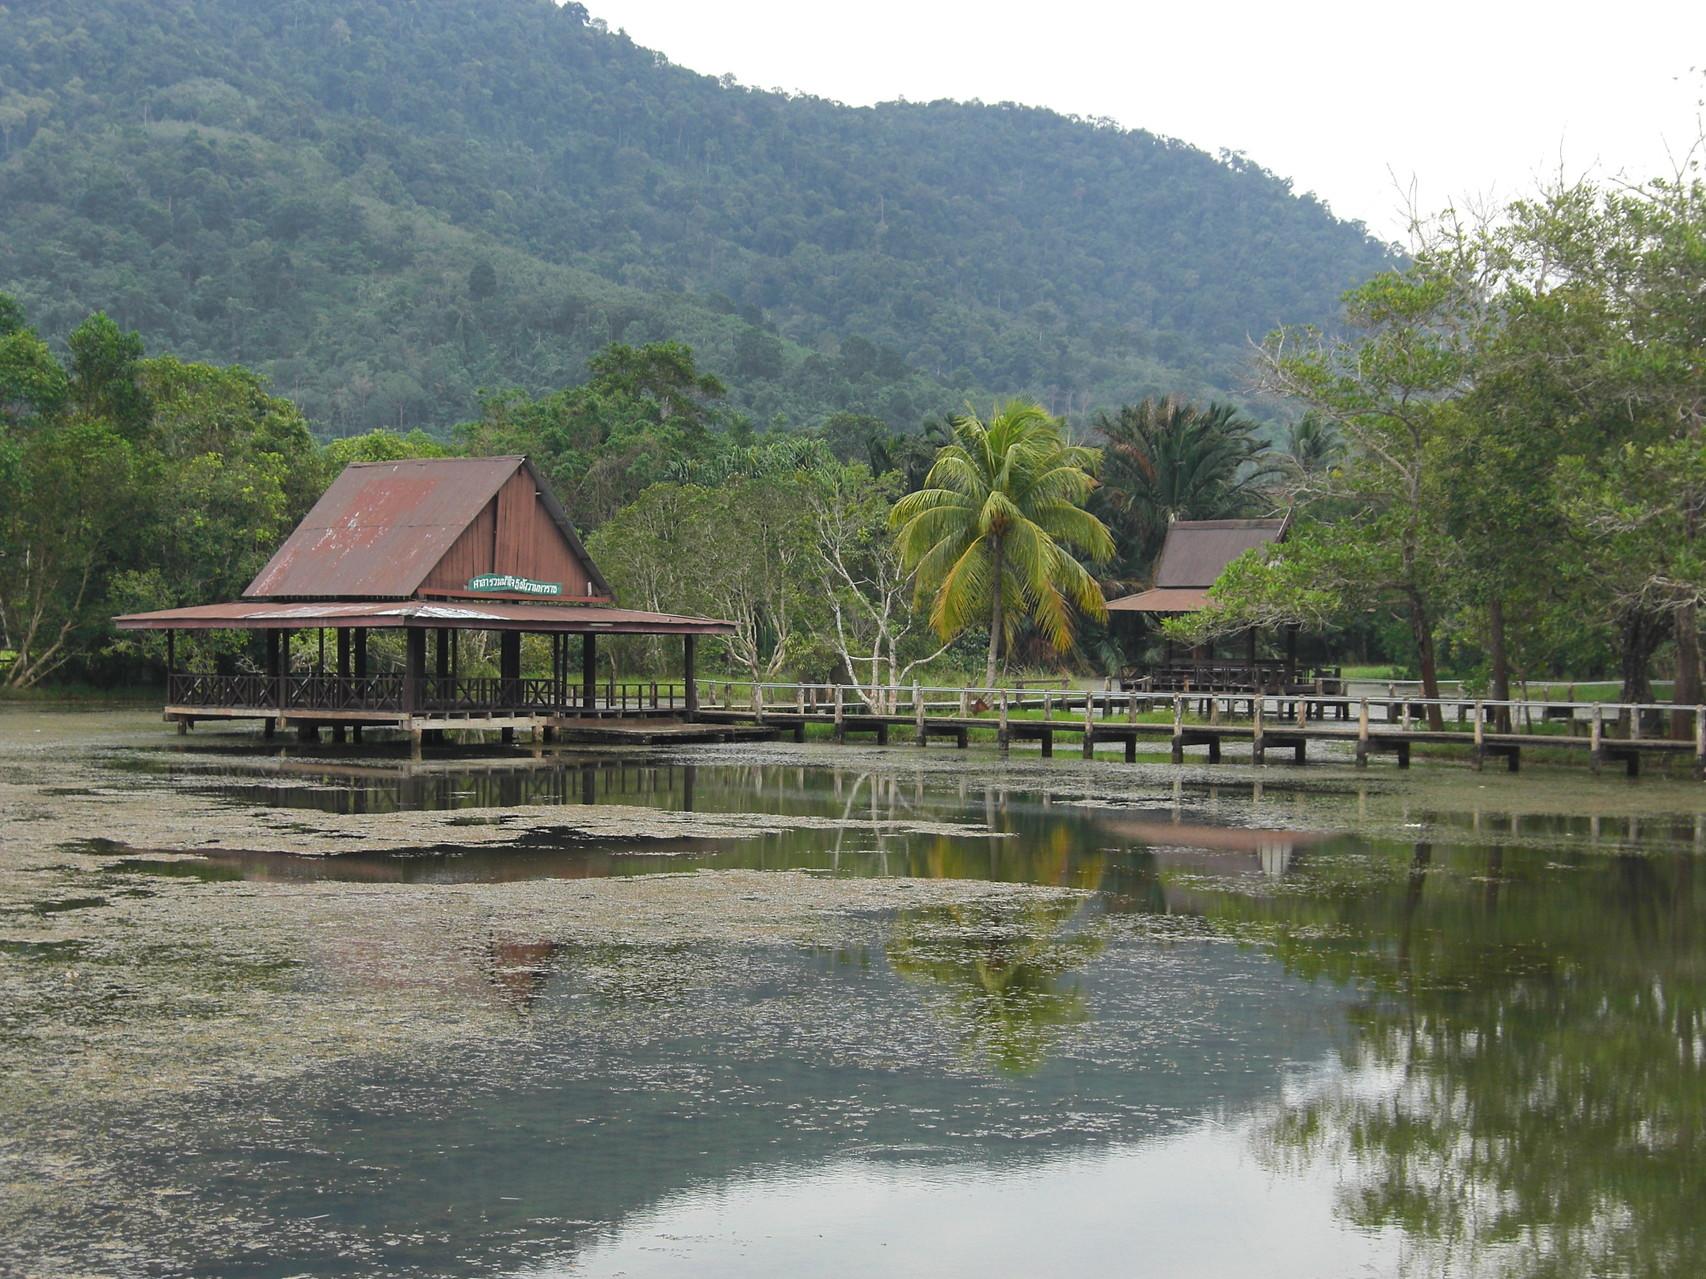 Ein weiterer See unterhalb der Bergkette wo auch in Hütten übernachtet werden kann